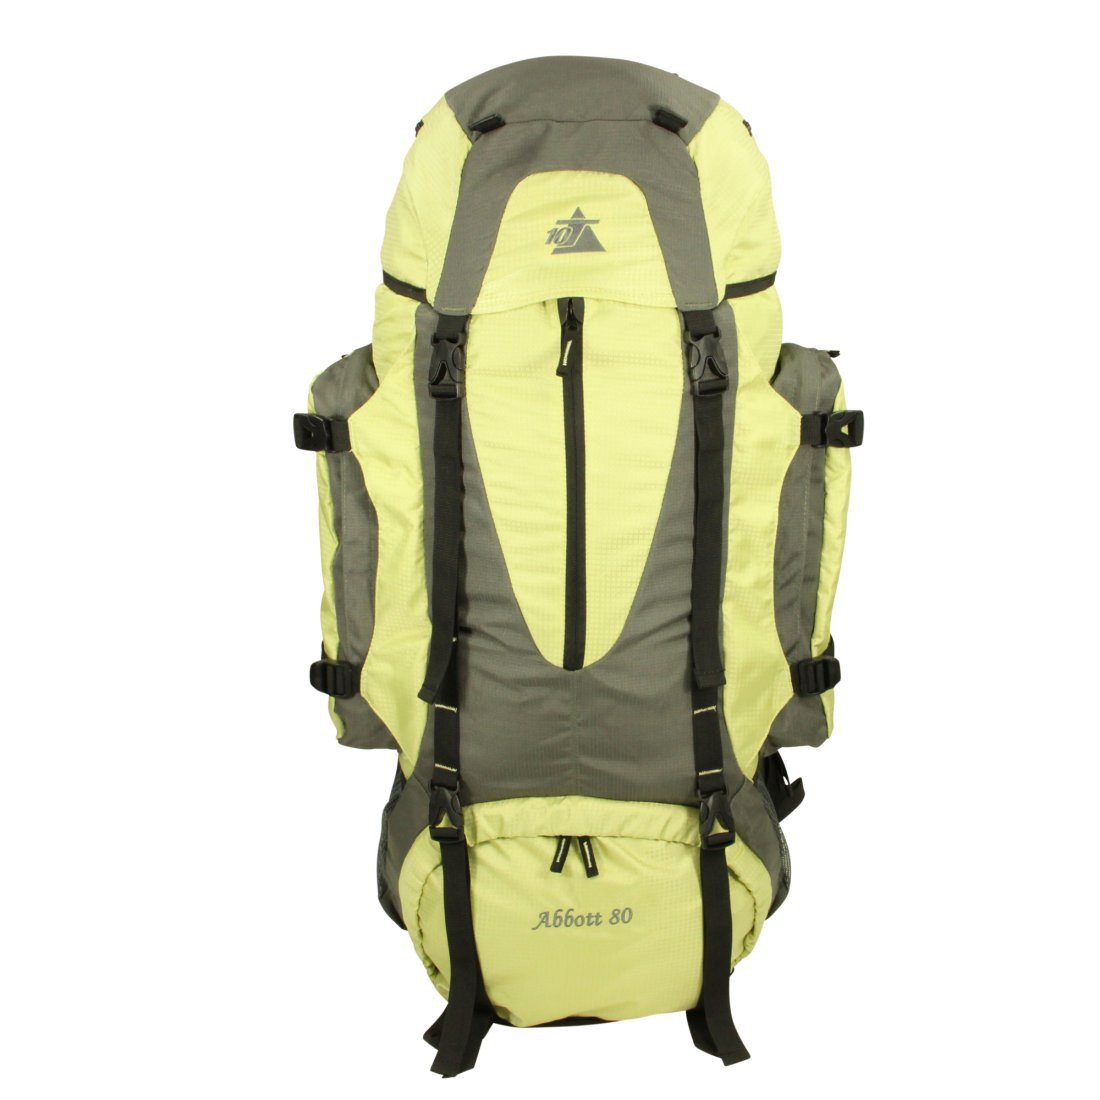 9bac8206eafa8 10T Abbott 80L Rucksack XXL Trekkingrucksack mit Regenschutz Reiserucksack  Rückenlänge Hüft-   Schulter-Gurte größeres Bild